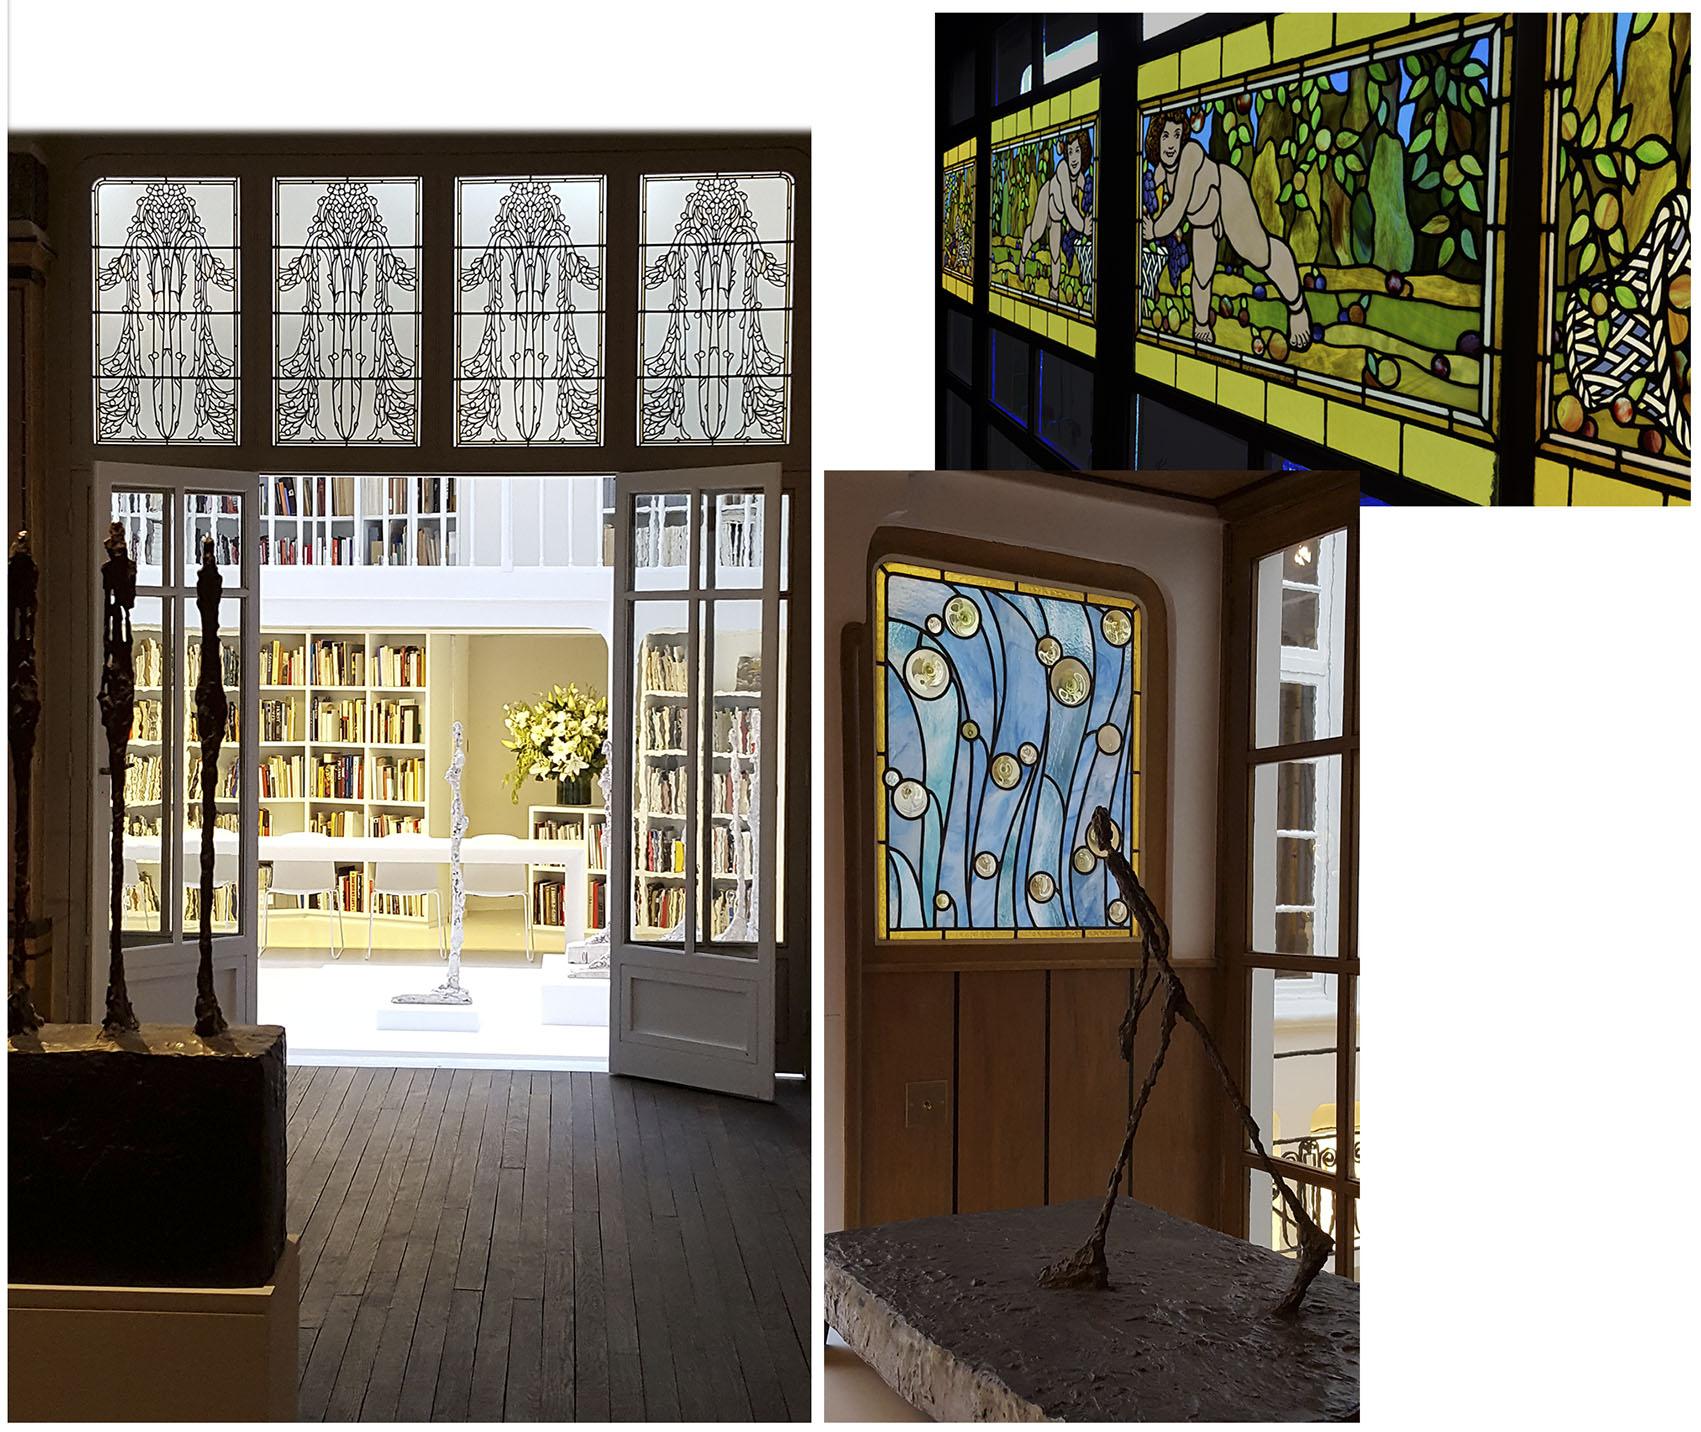 Paris,Cathédrale Notre-Dame, baie 208, panneau b5, restauration en atelier 2017